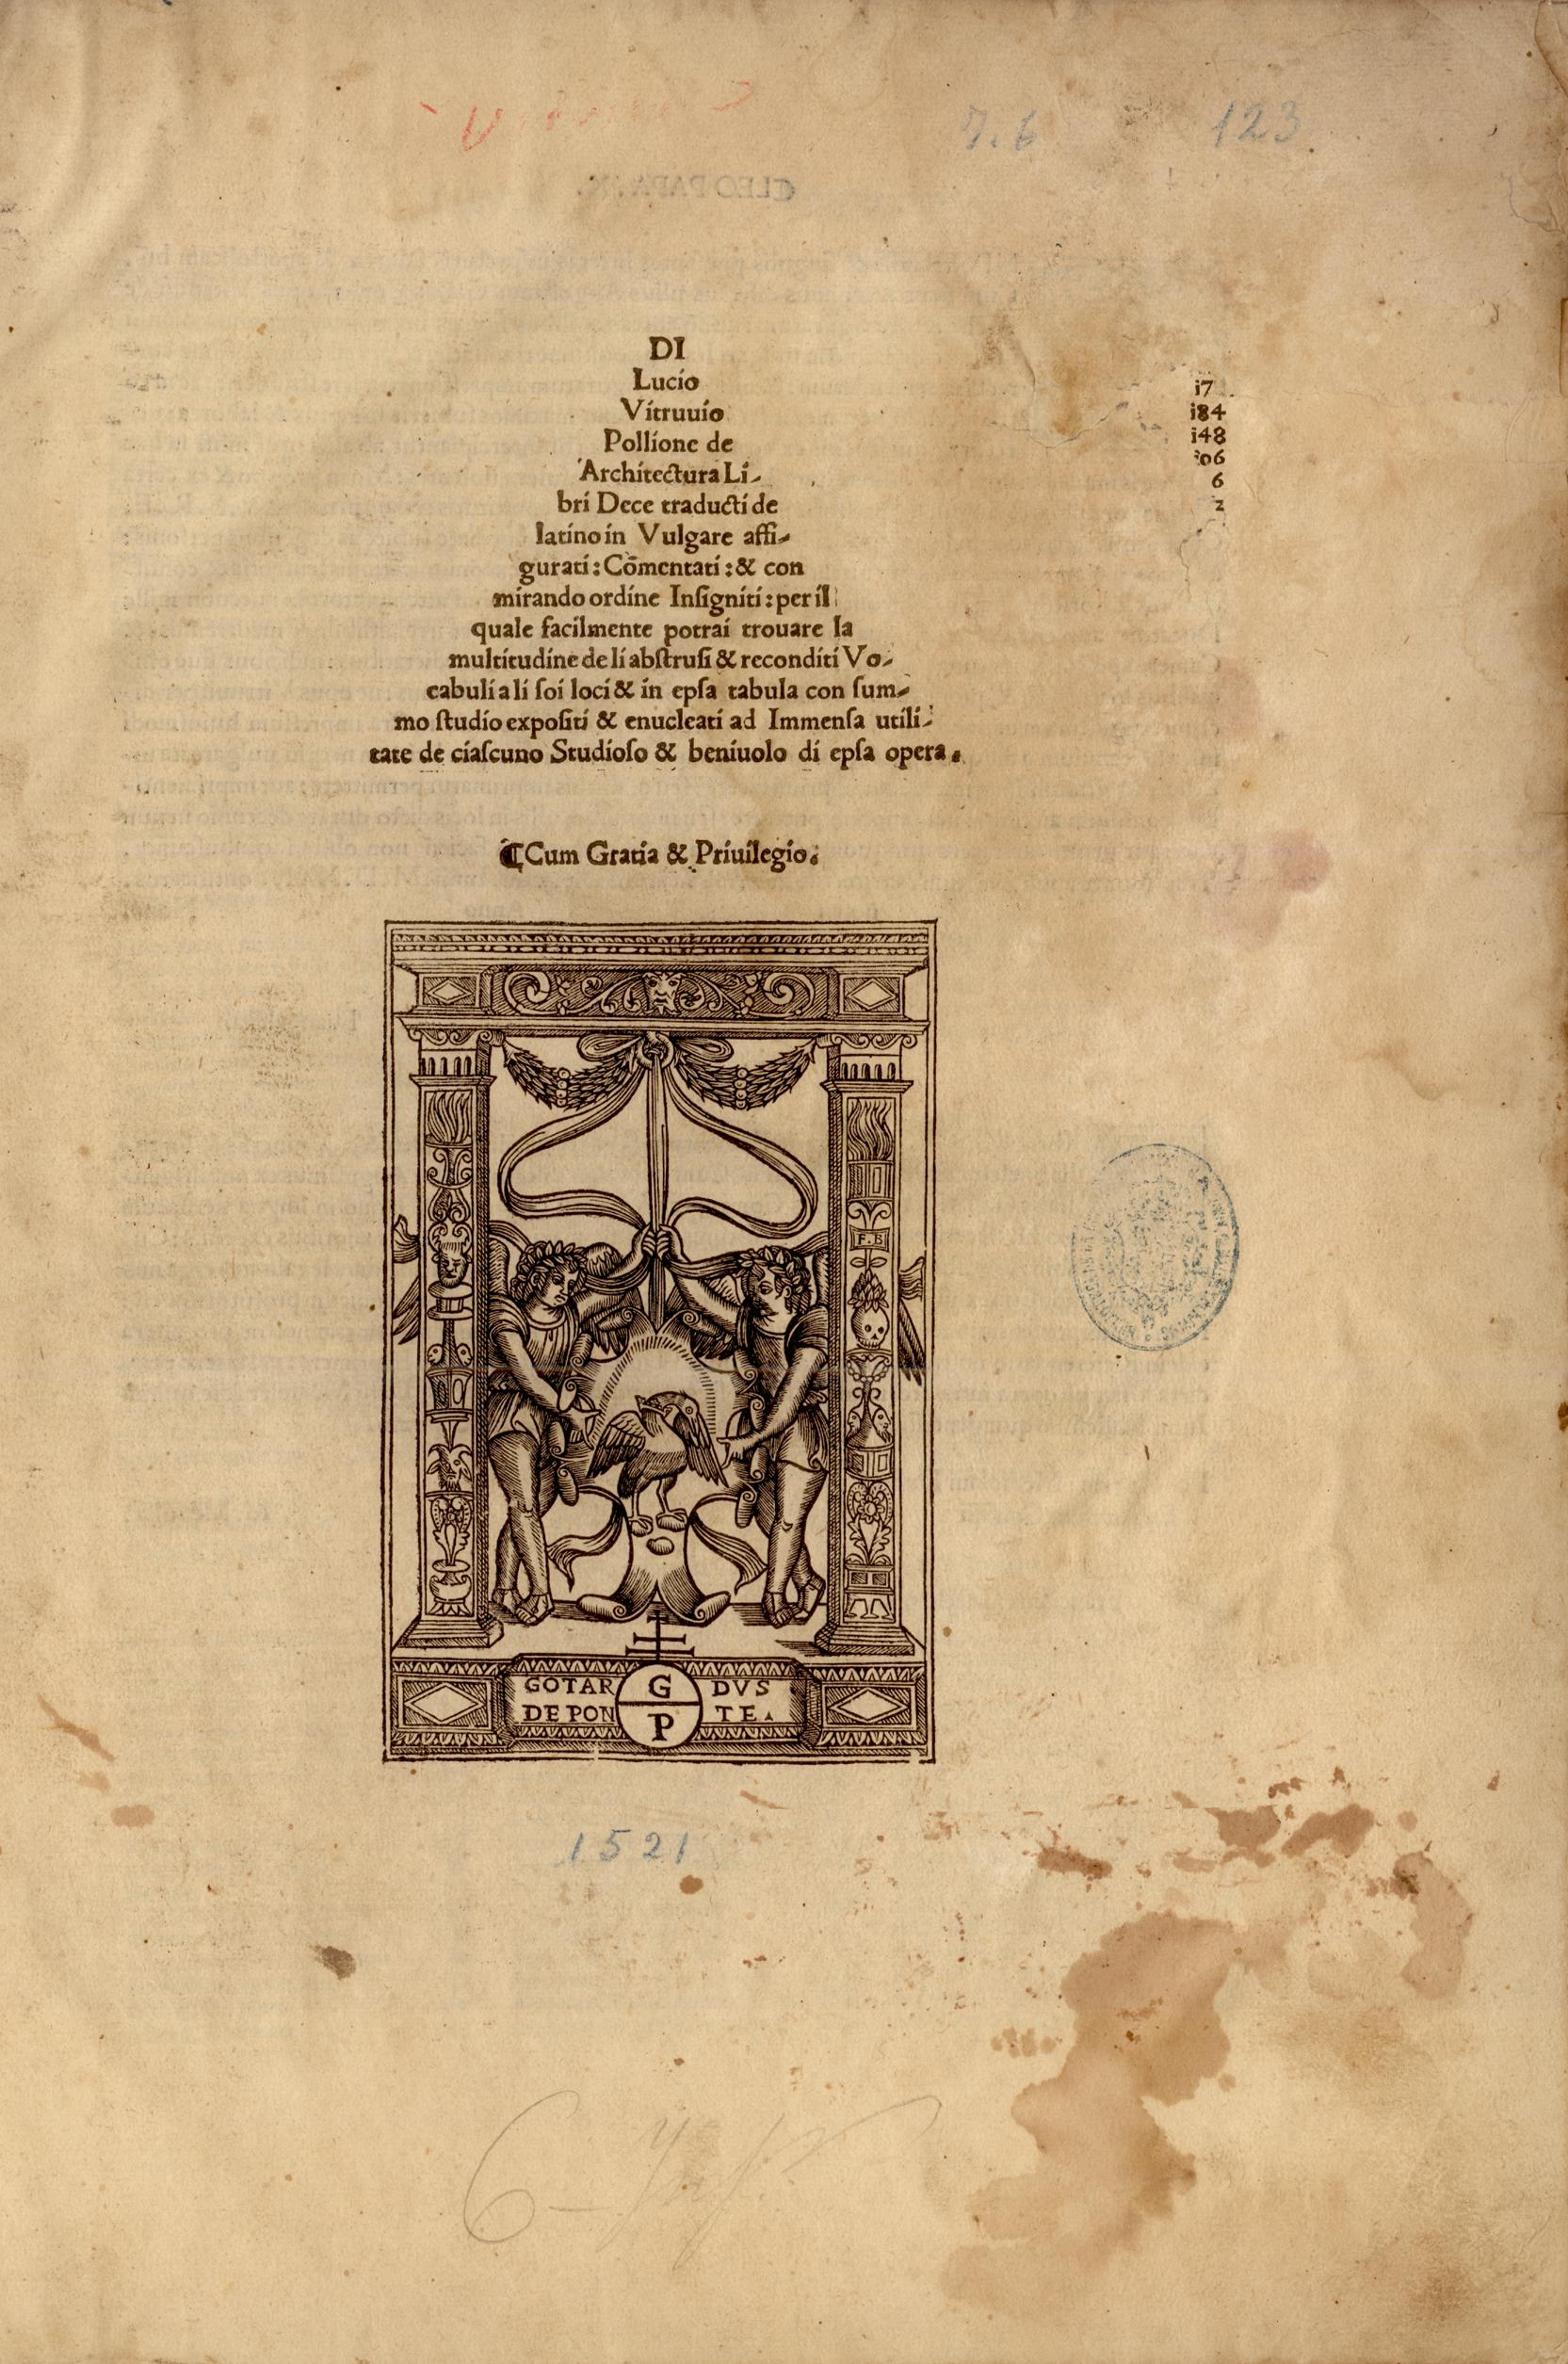 De architectura libri dece, 1521